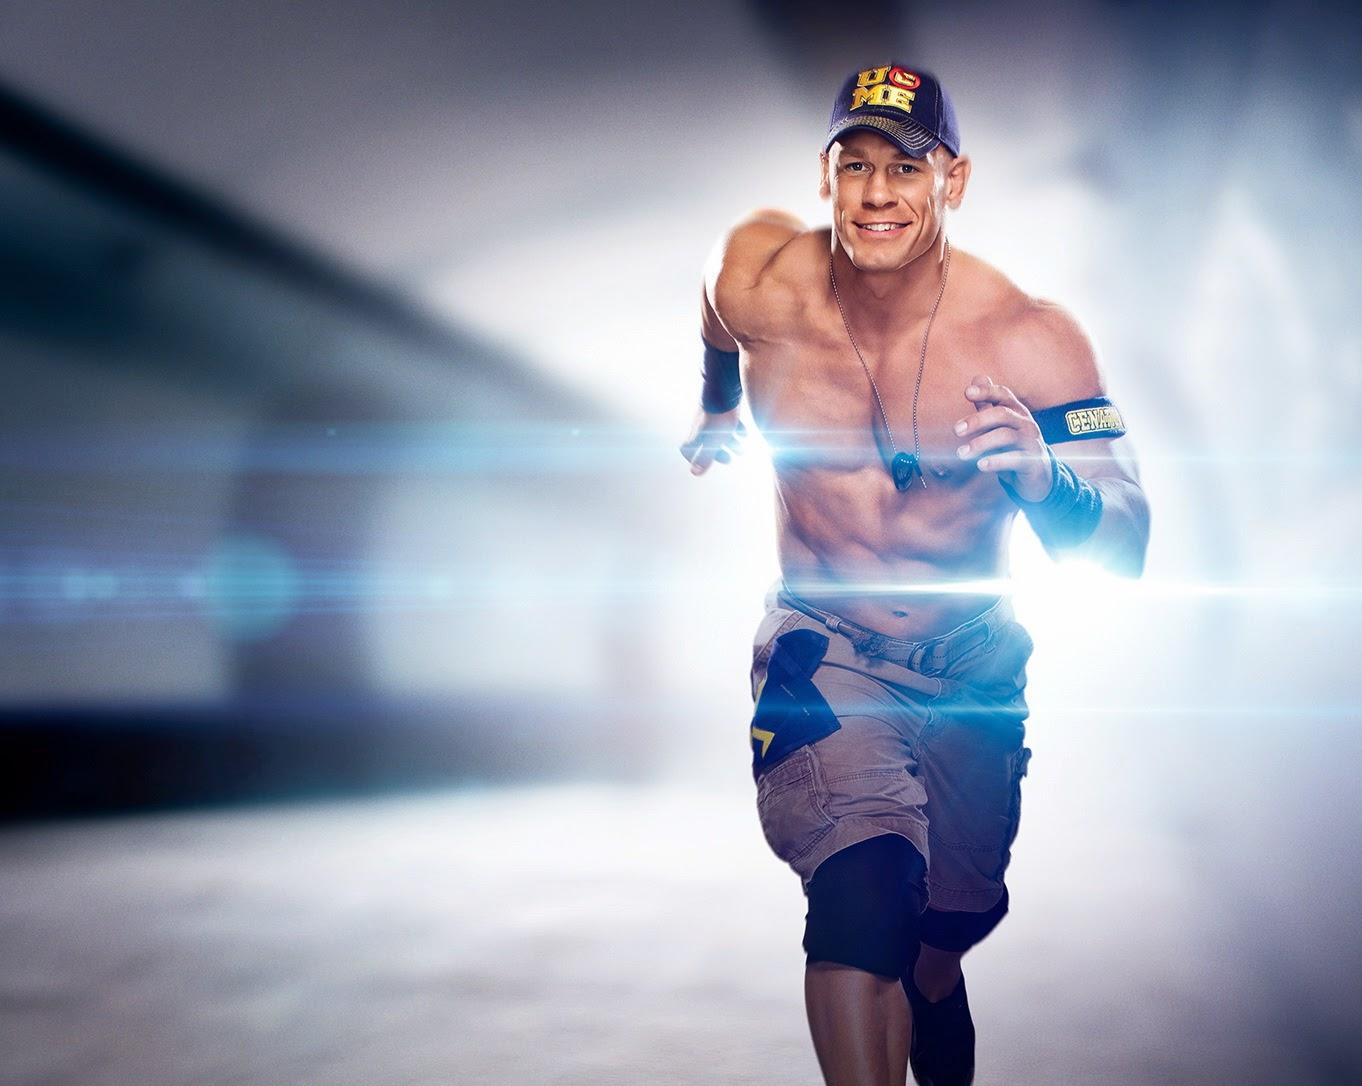 John Cena Wwe Desktop Hd Latest Wallpapers 2014 Sports Hd Wallpapers